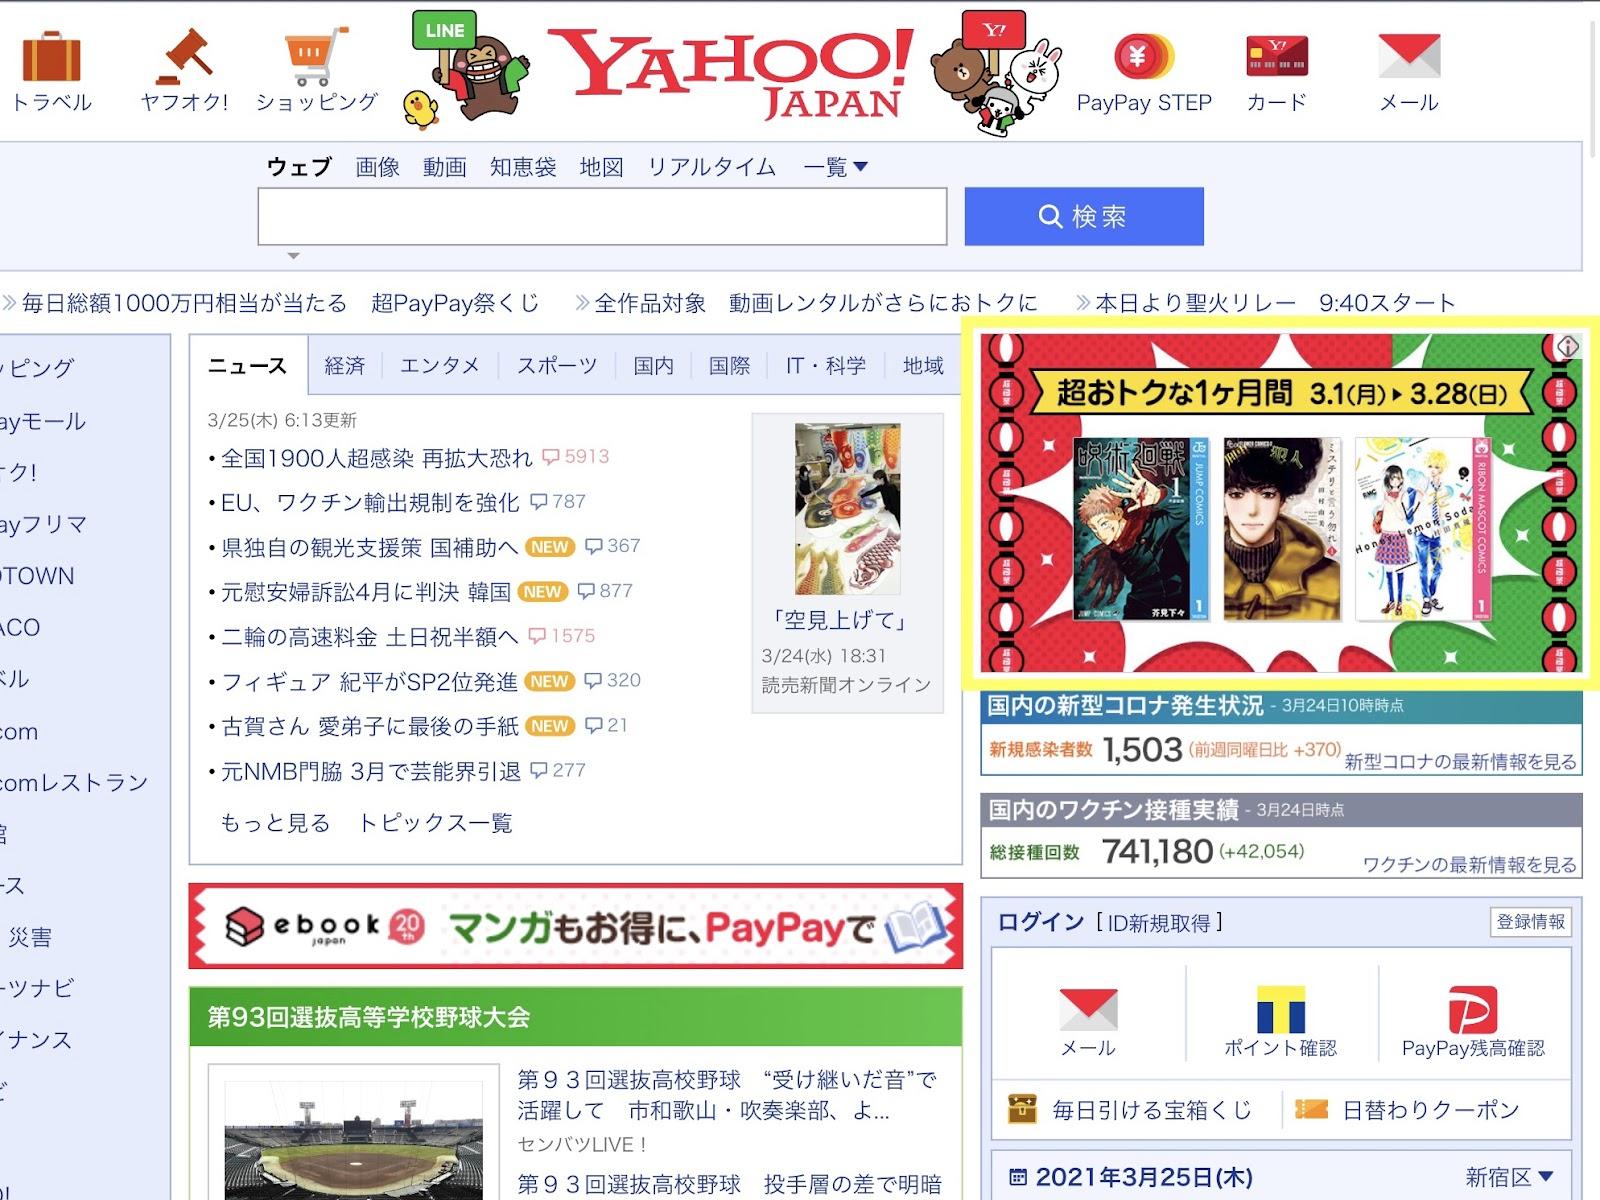 Yahoo!広告のブランドパネル